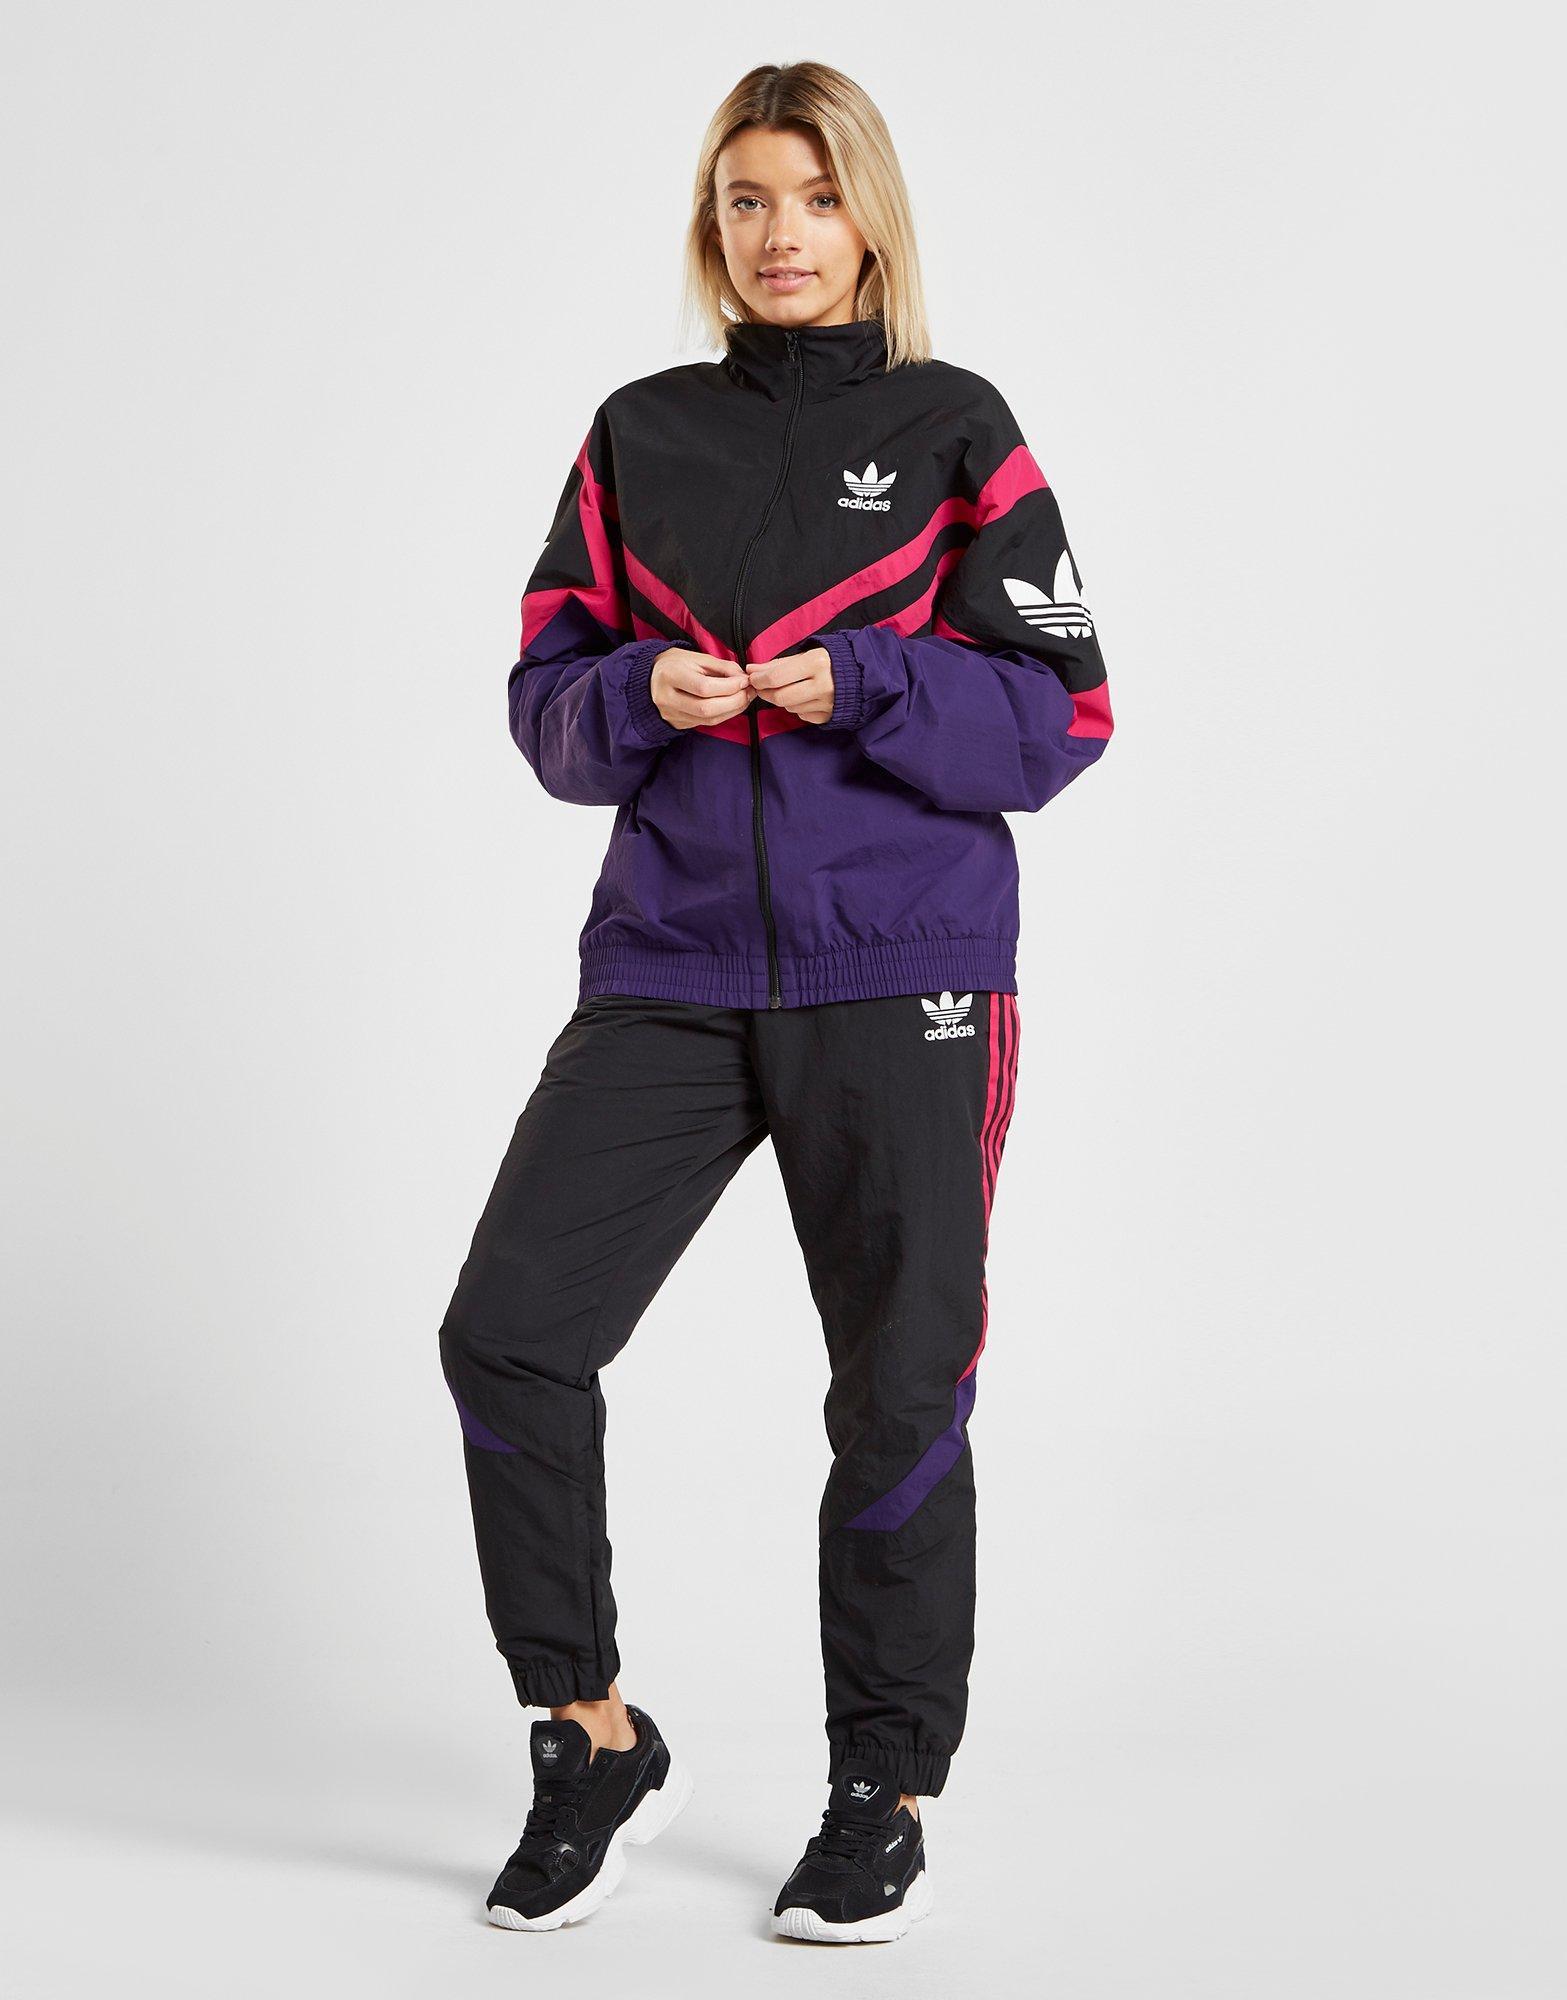 e3c4820bcc1761 New adidas Originals Women s Sportivo Track Pants Black